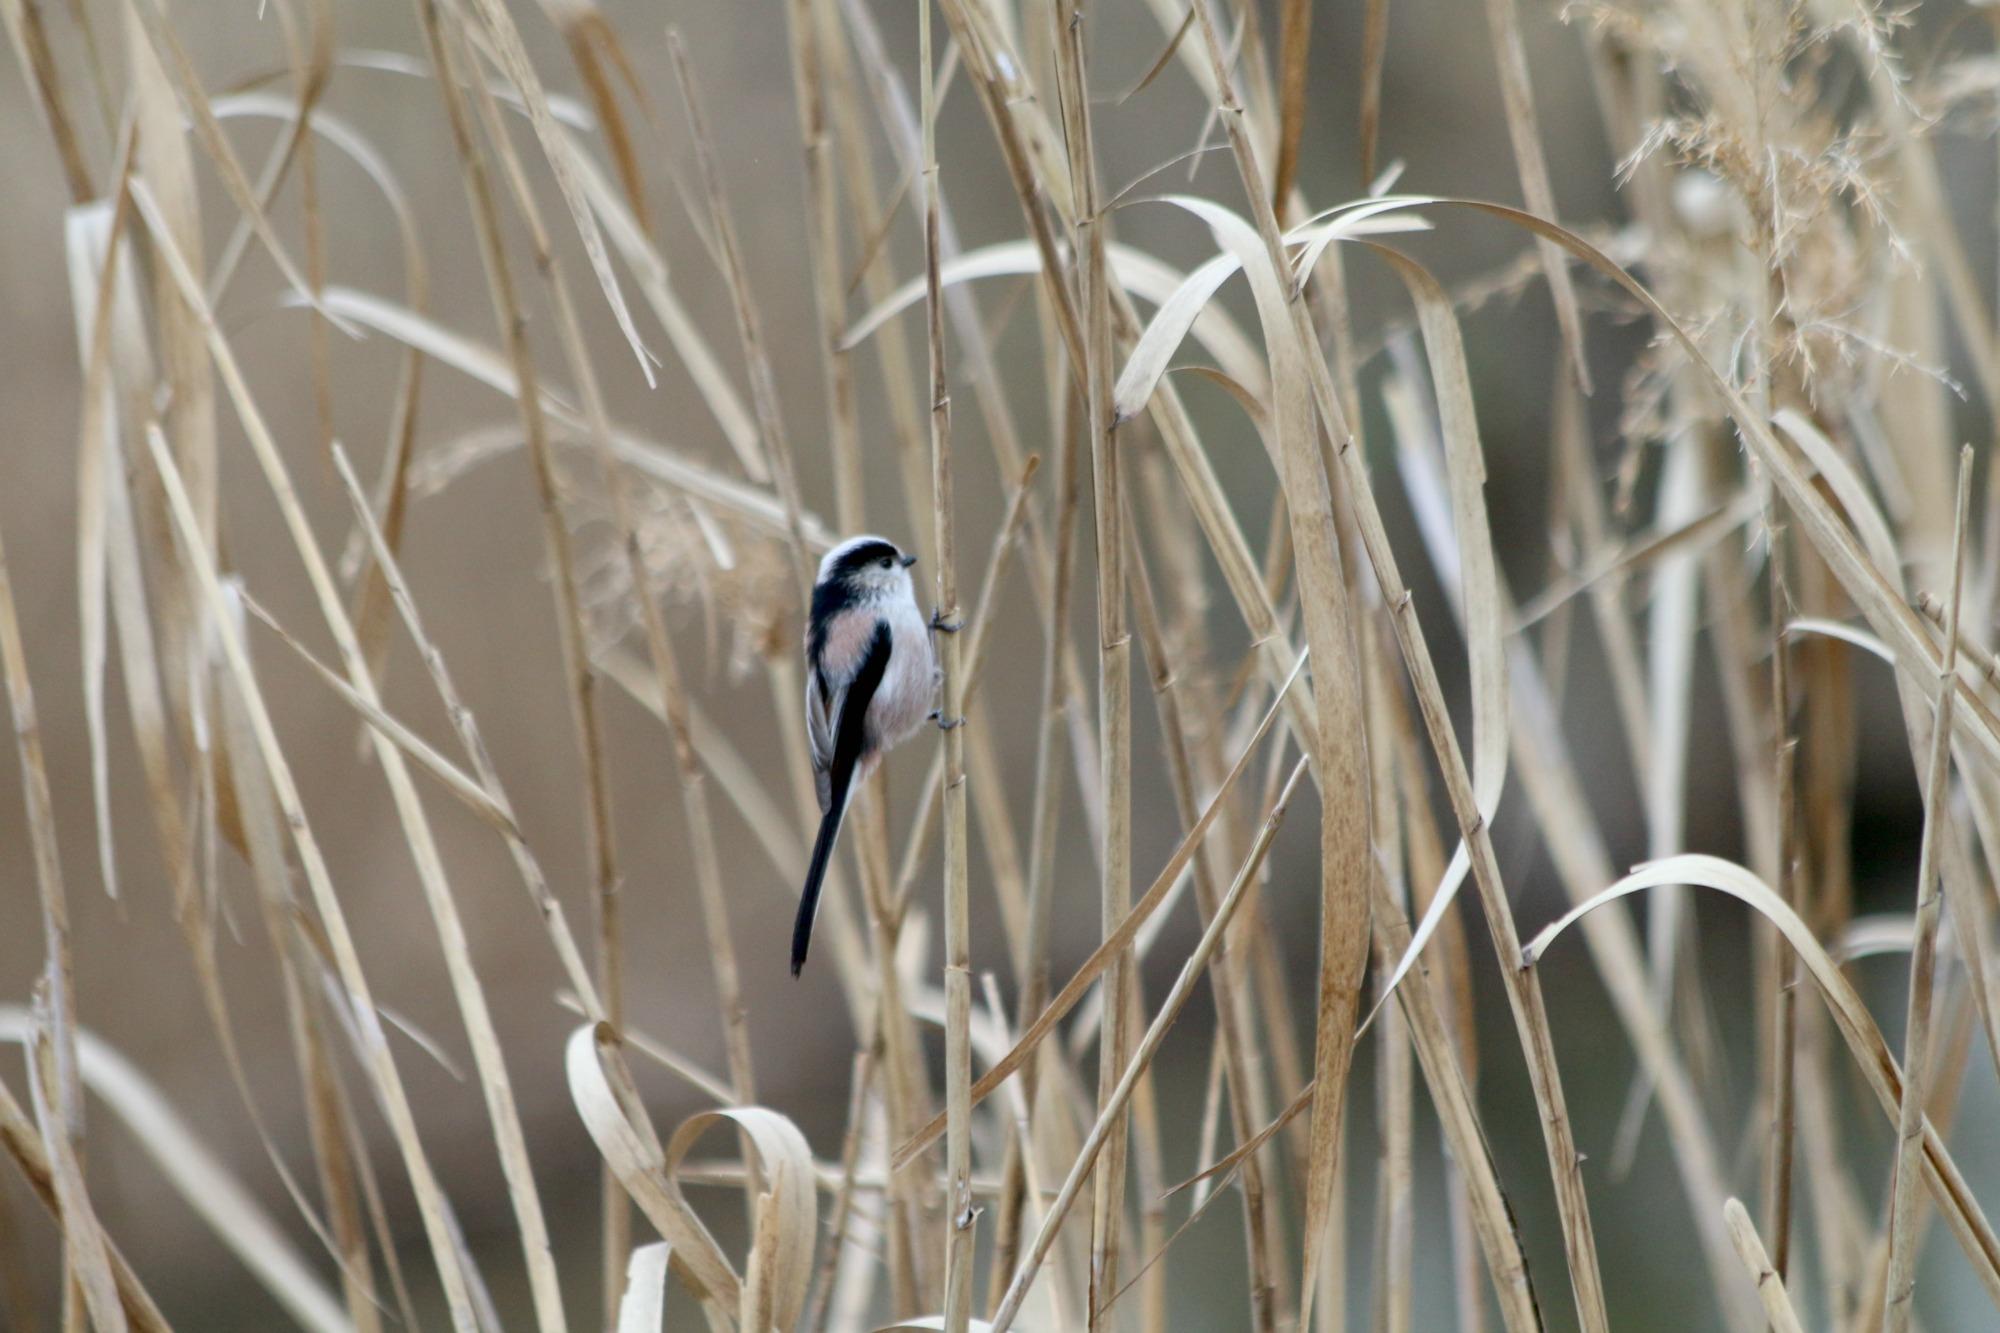 水元公園の鳥さんたち_a0127090_2113450.jpg